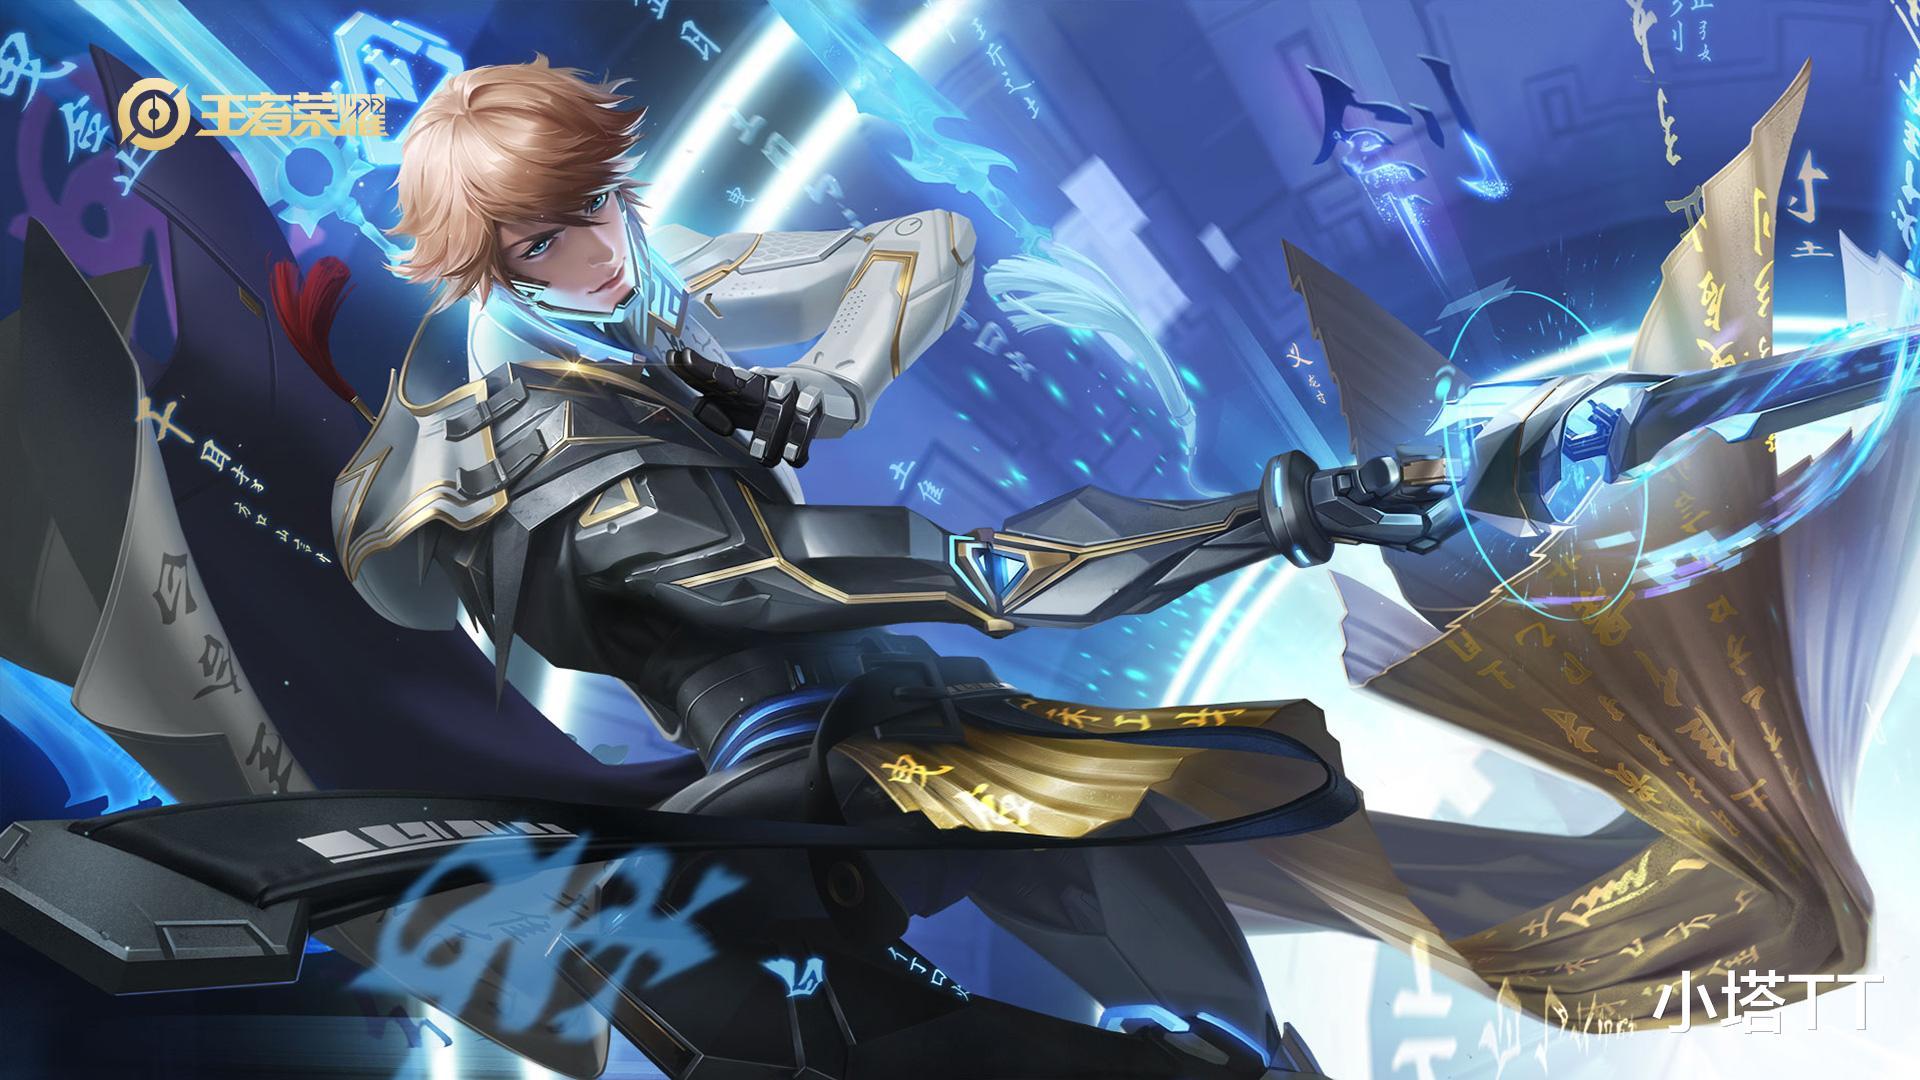 王者荣耀英雄调整, 黄忠唯一坦射双抗破千, 被动收益翻倍后期爆炸!